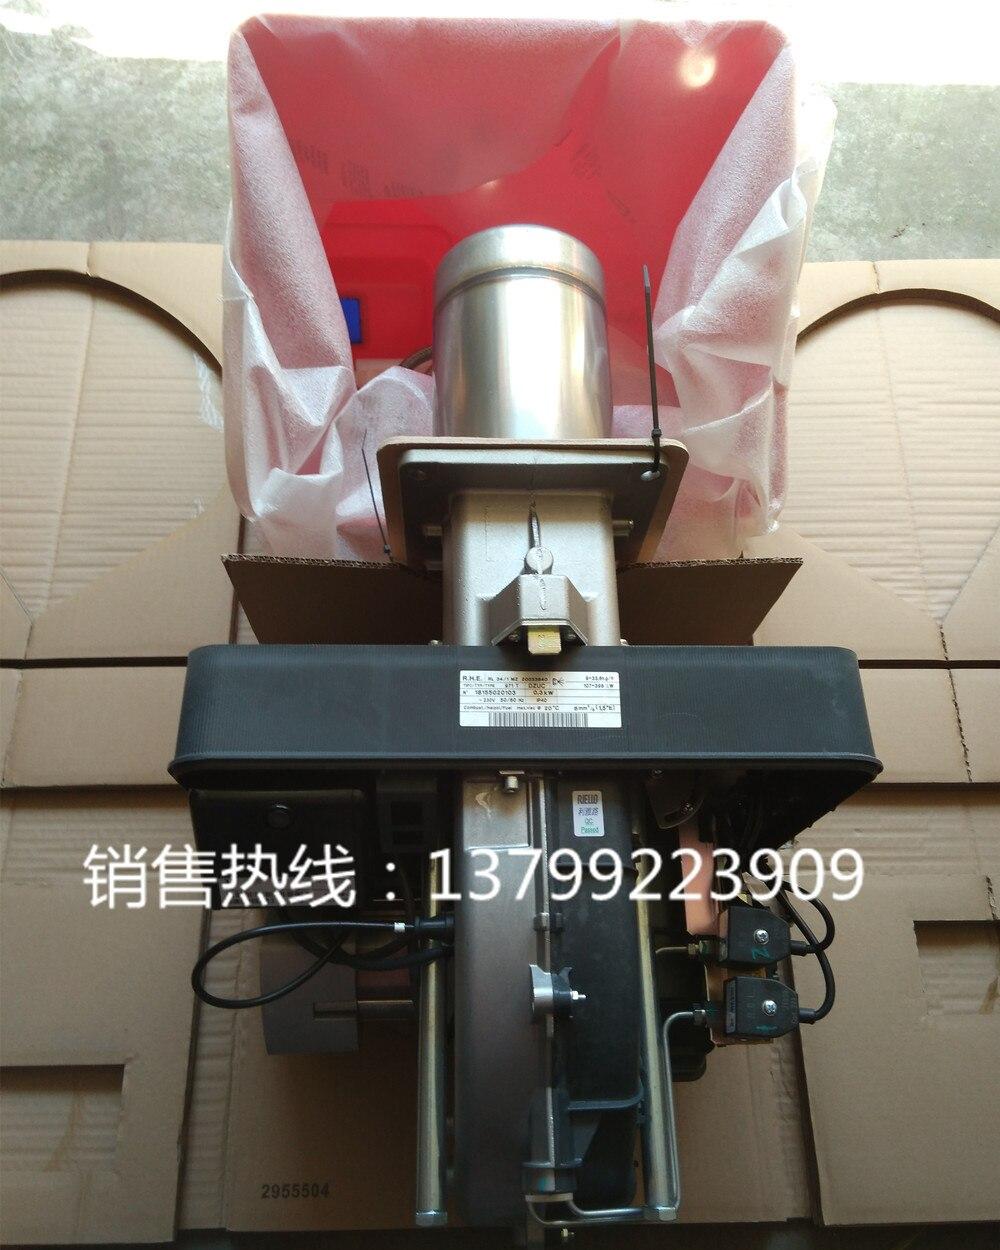 type Fuel Burner RL34 RL44 Light Oil Burner RL70 RL100 RL130 RL190type Fuel Burner RL34 RL44 Light Oil Burner RL70 RL100 RL130 RL190